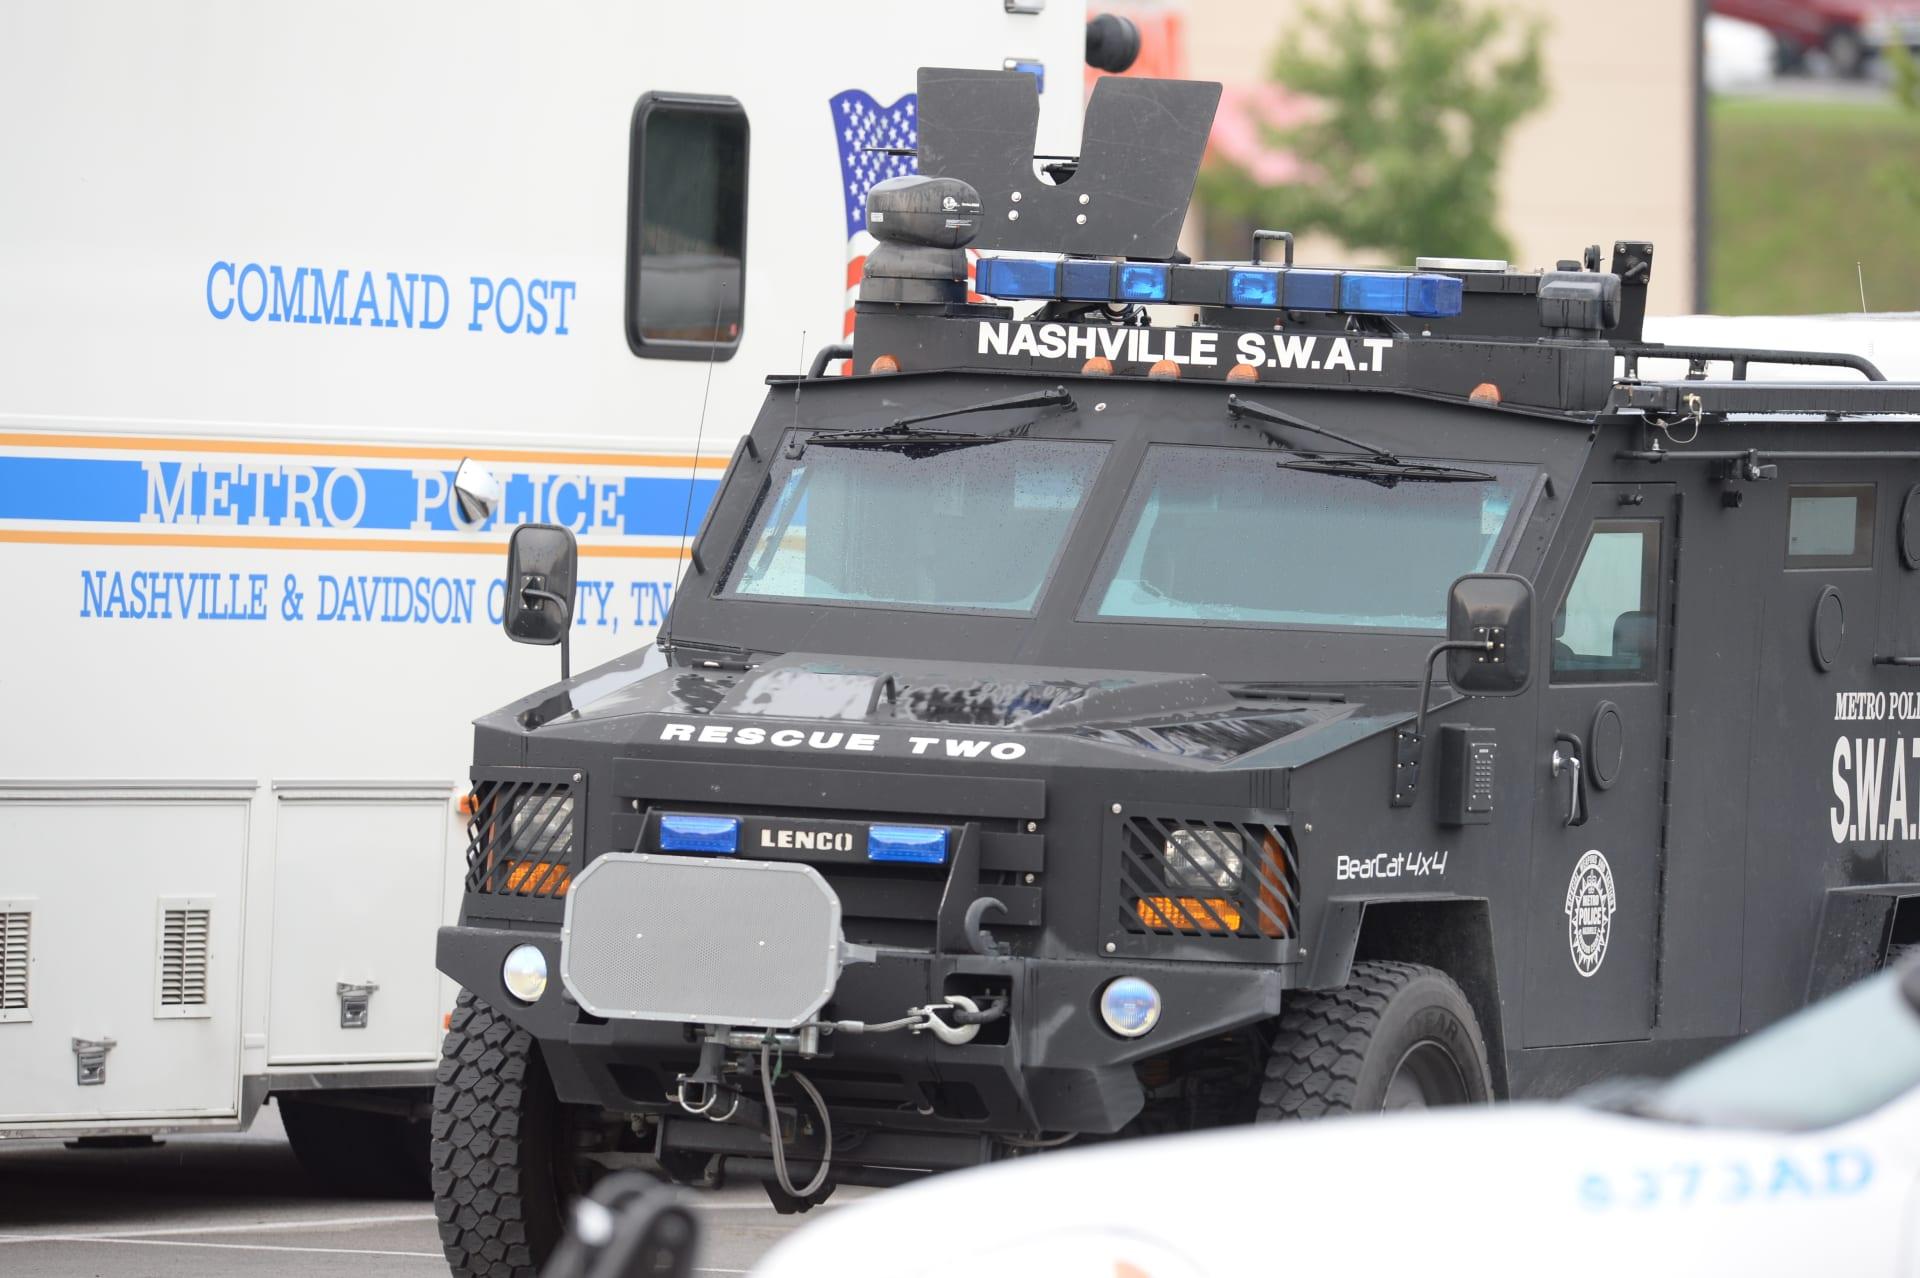 الشرطة الأمريكية: مسلح عار يقتل 4 أشخاص ويصيب 6 على الأقل بولاية تينيسي